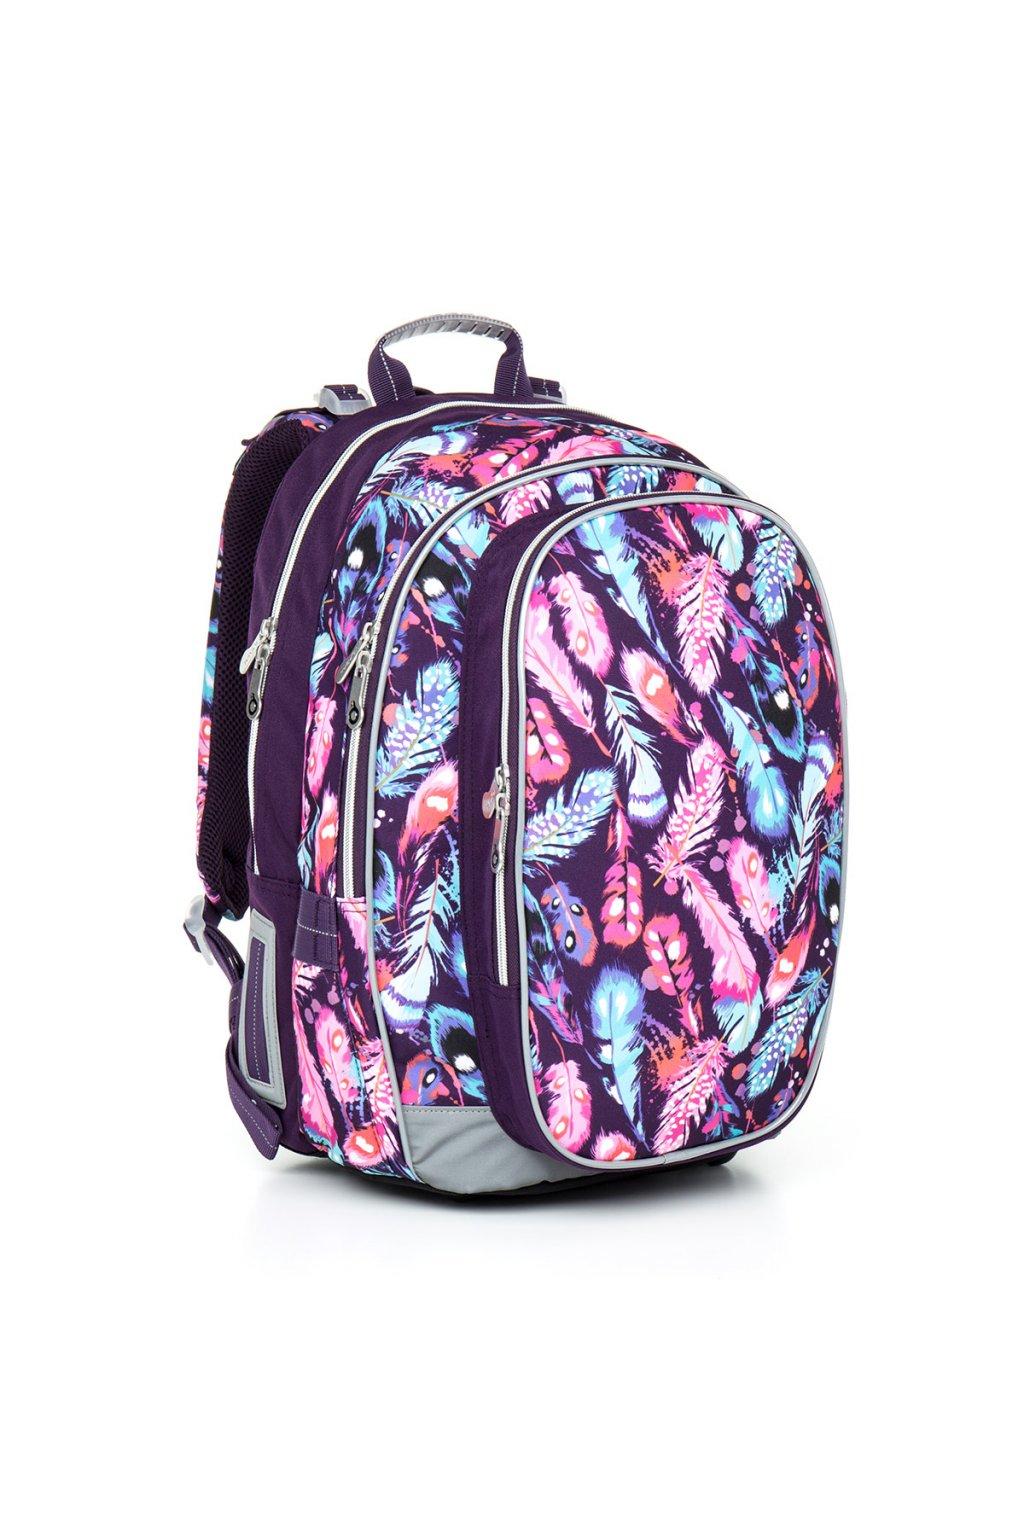 dívčí školní batoh topgal chi 796 h